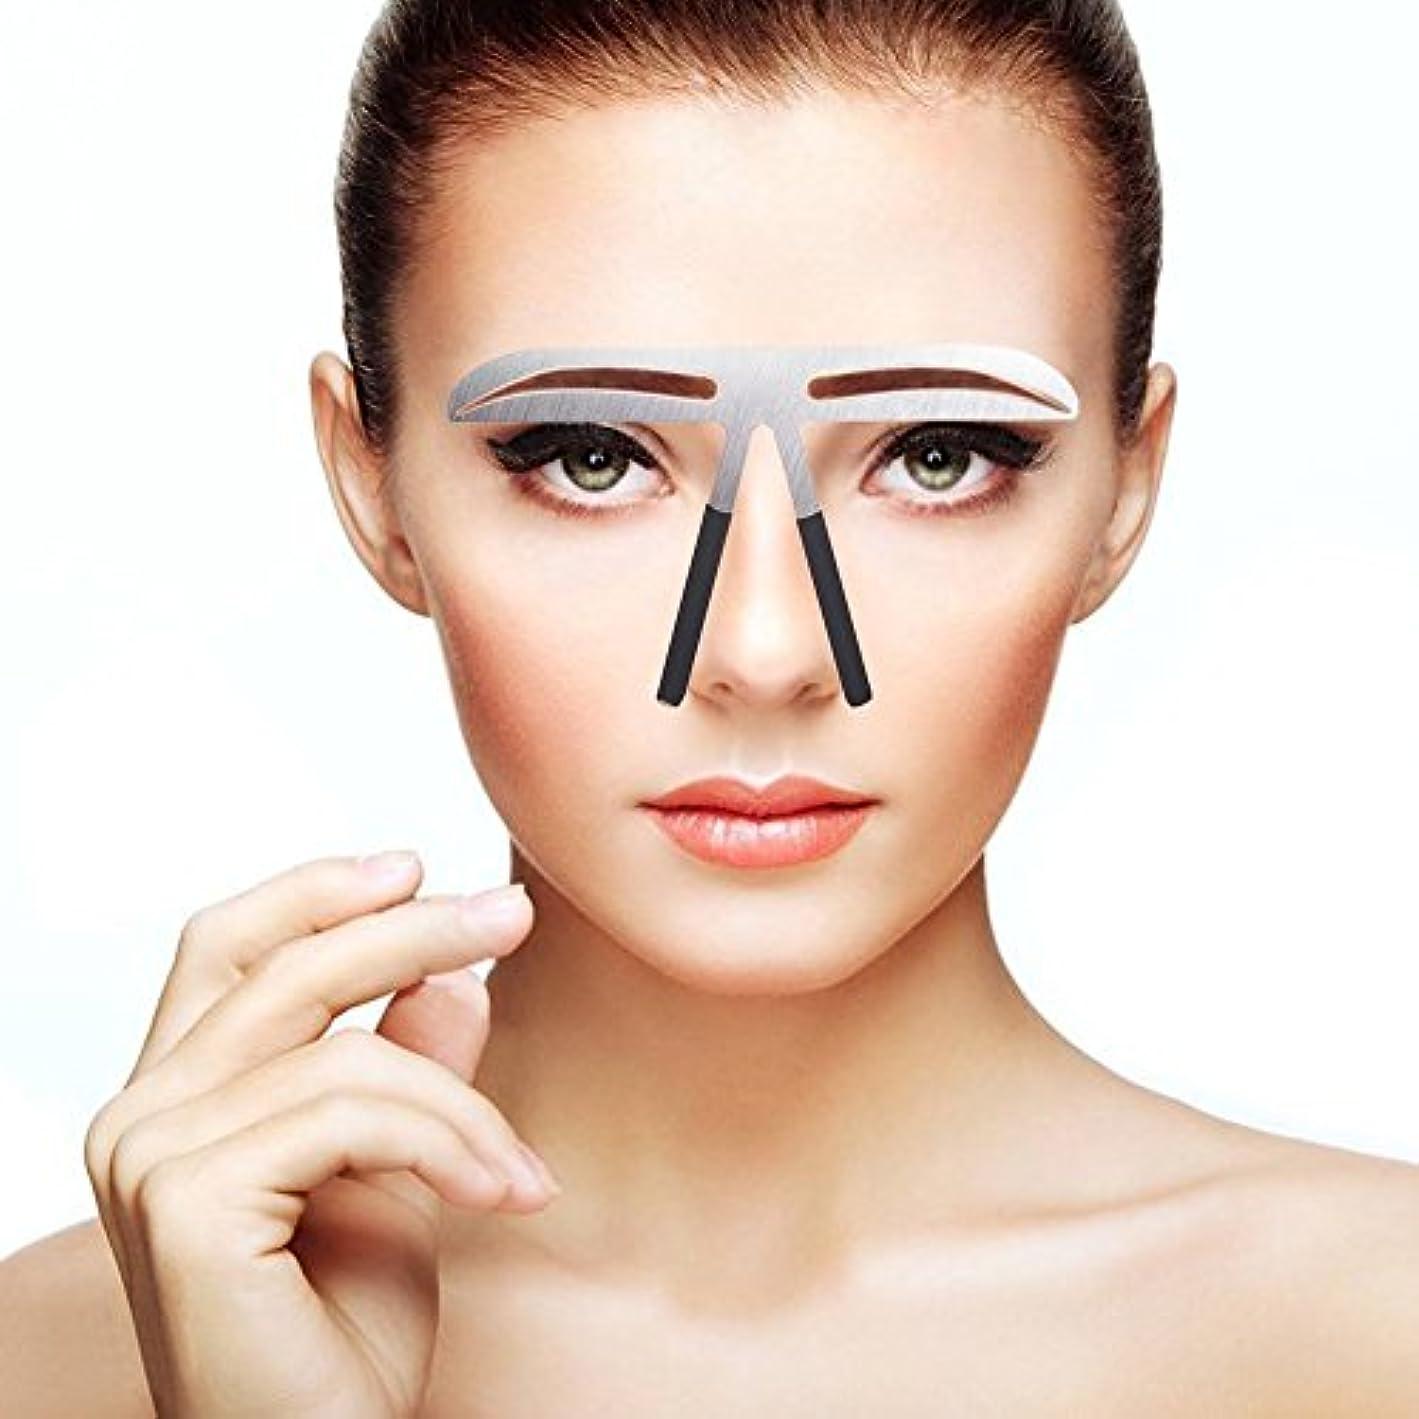 武器統治可能ナチュラル眉毛テンプレート 眉毛の定規 メイクアップ 美容ツール アイブローテンプレート アートメイク用定規 美容用 恒久化粧ツール 左右対称 位置決め (04)